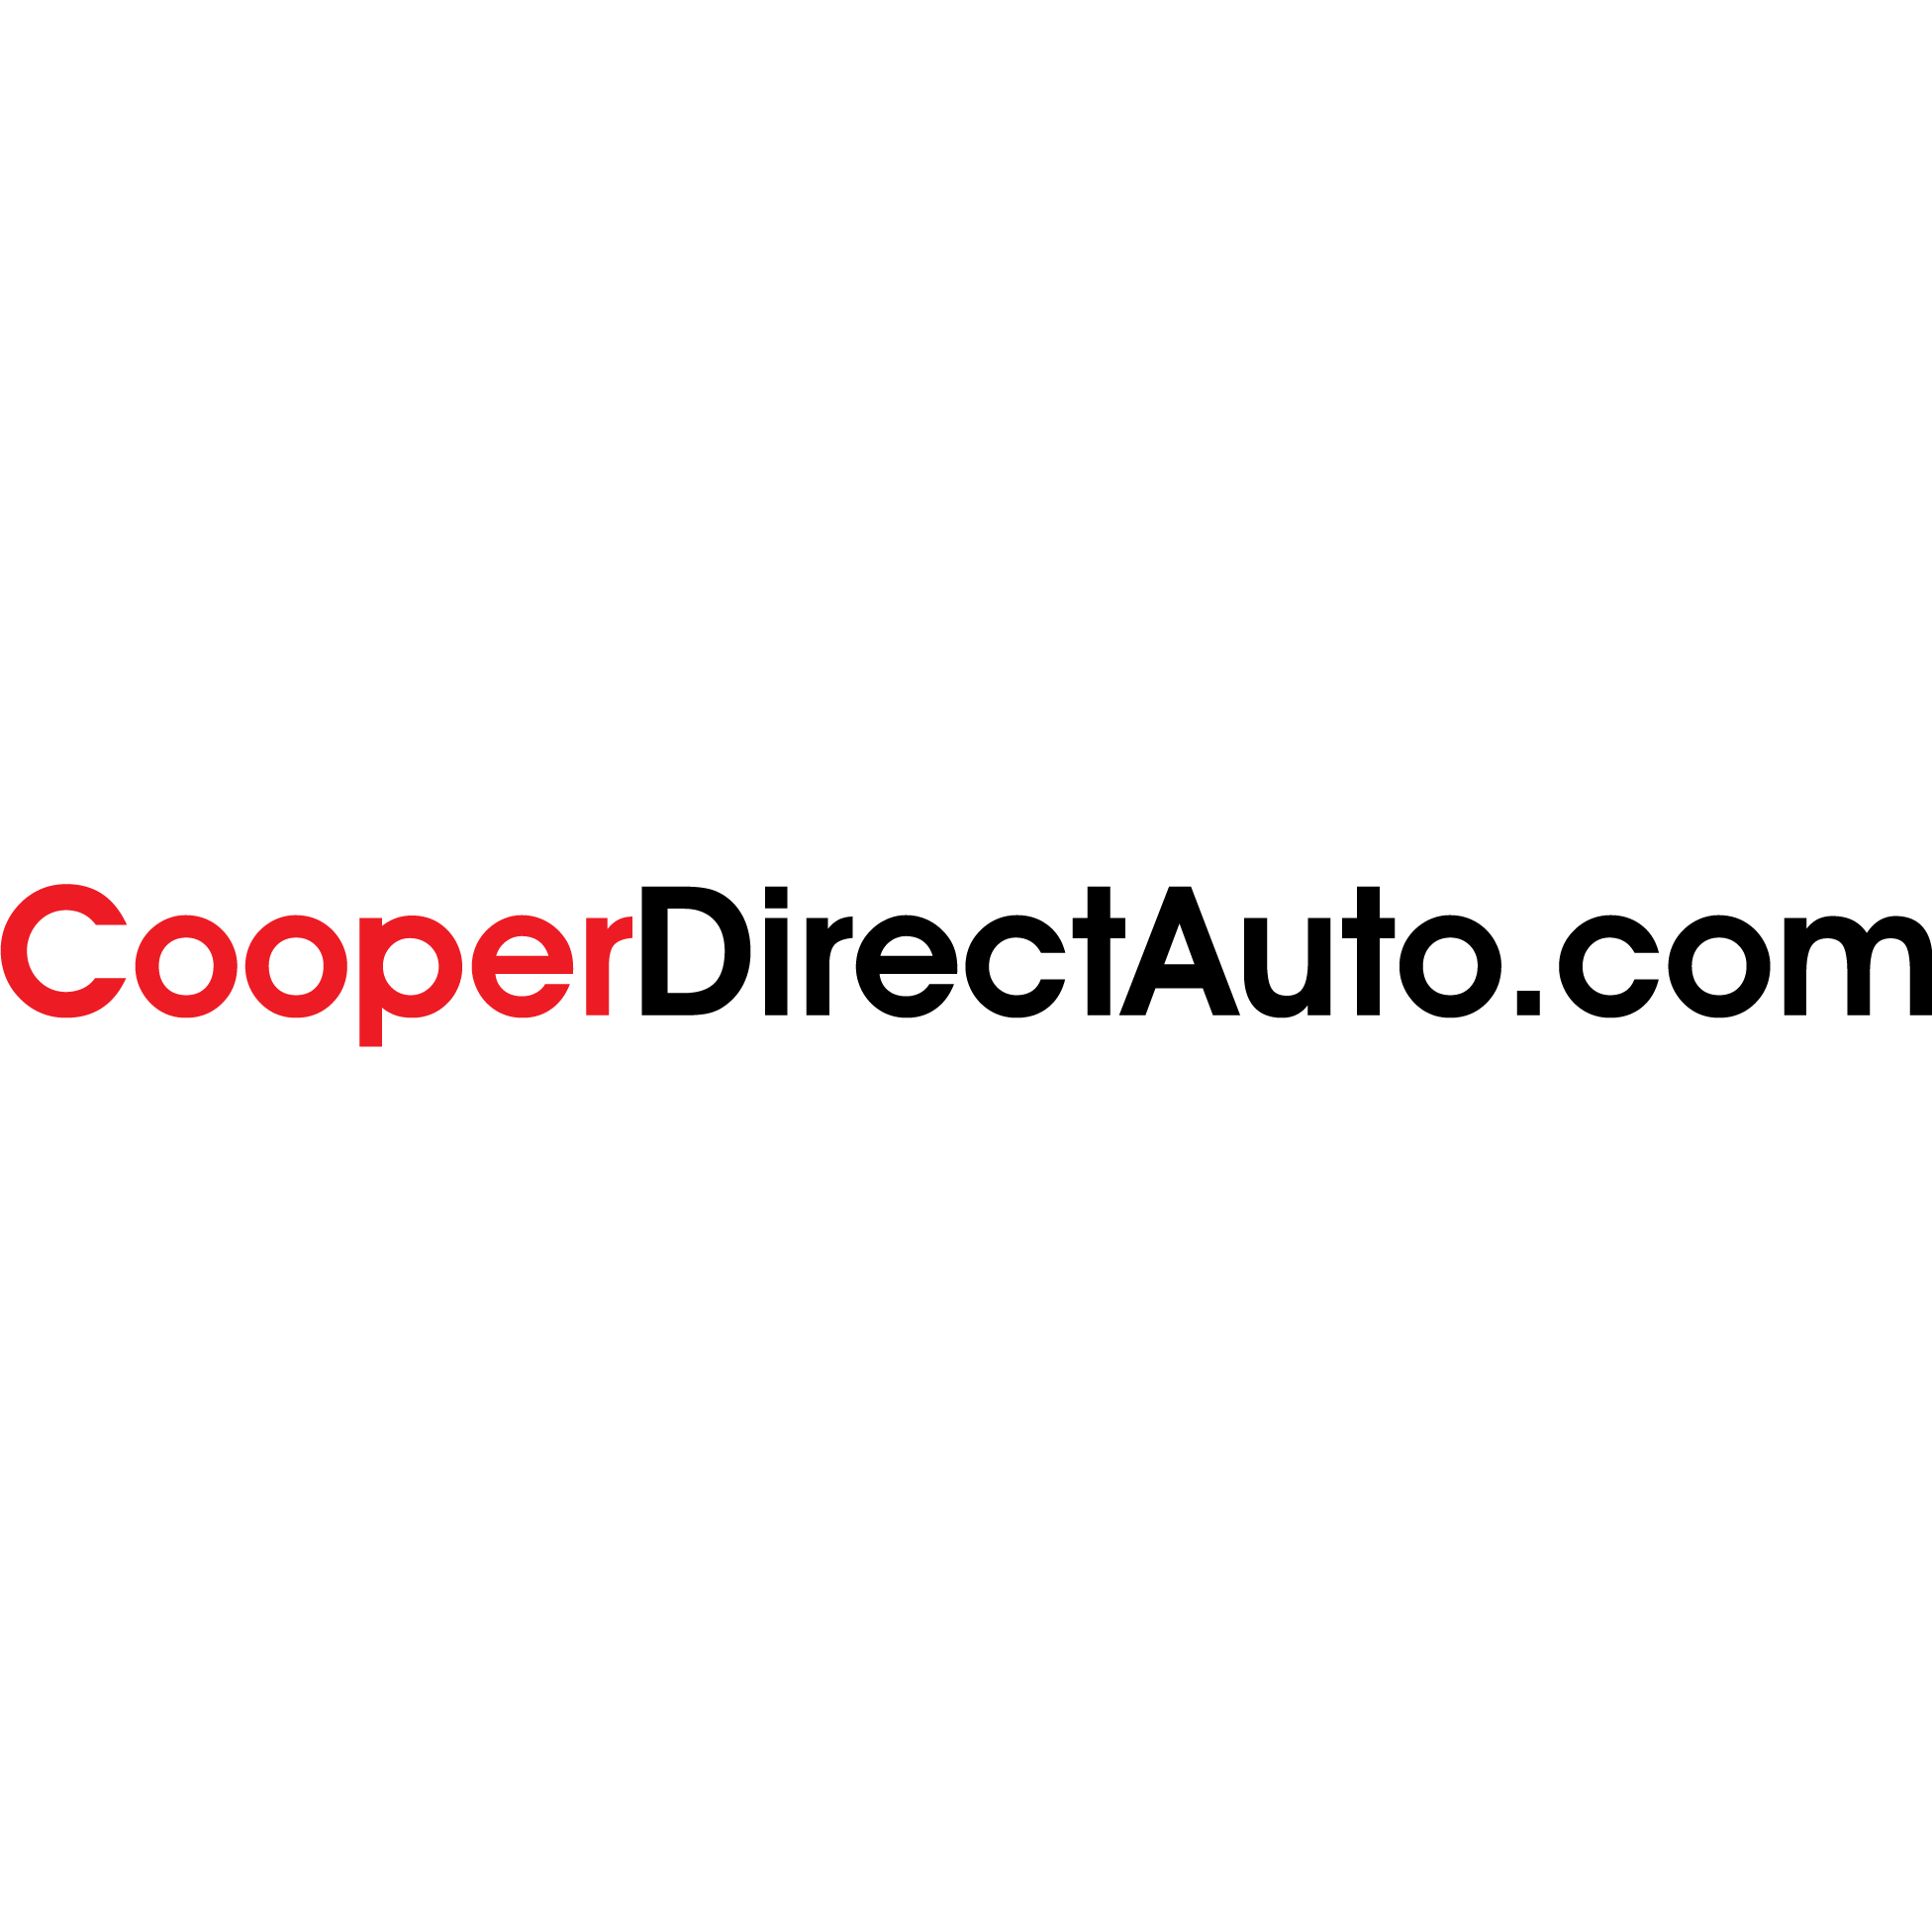 Cooper Direct Auto